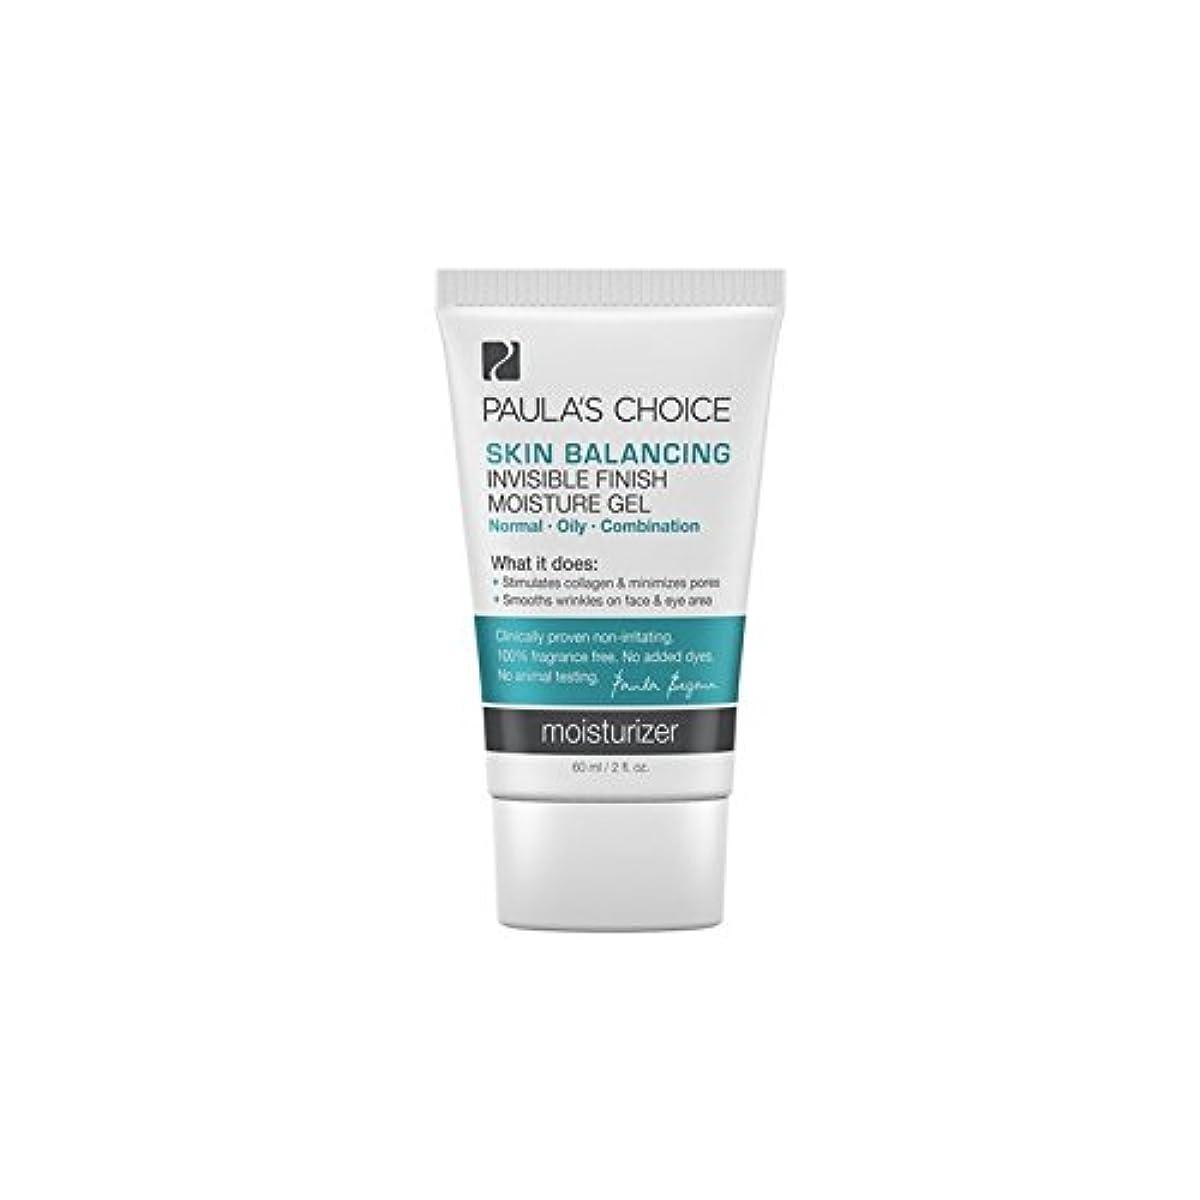 目を覚ますモールス信号先例ポーラチョイスの肌のバランス目に見えない仕上がり水分ゲル(60ミリリットル) x2 - Paula's Choice Skin Balancing Invisible Finish Moisture Gel (60ml)...